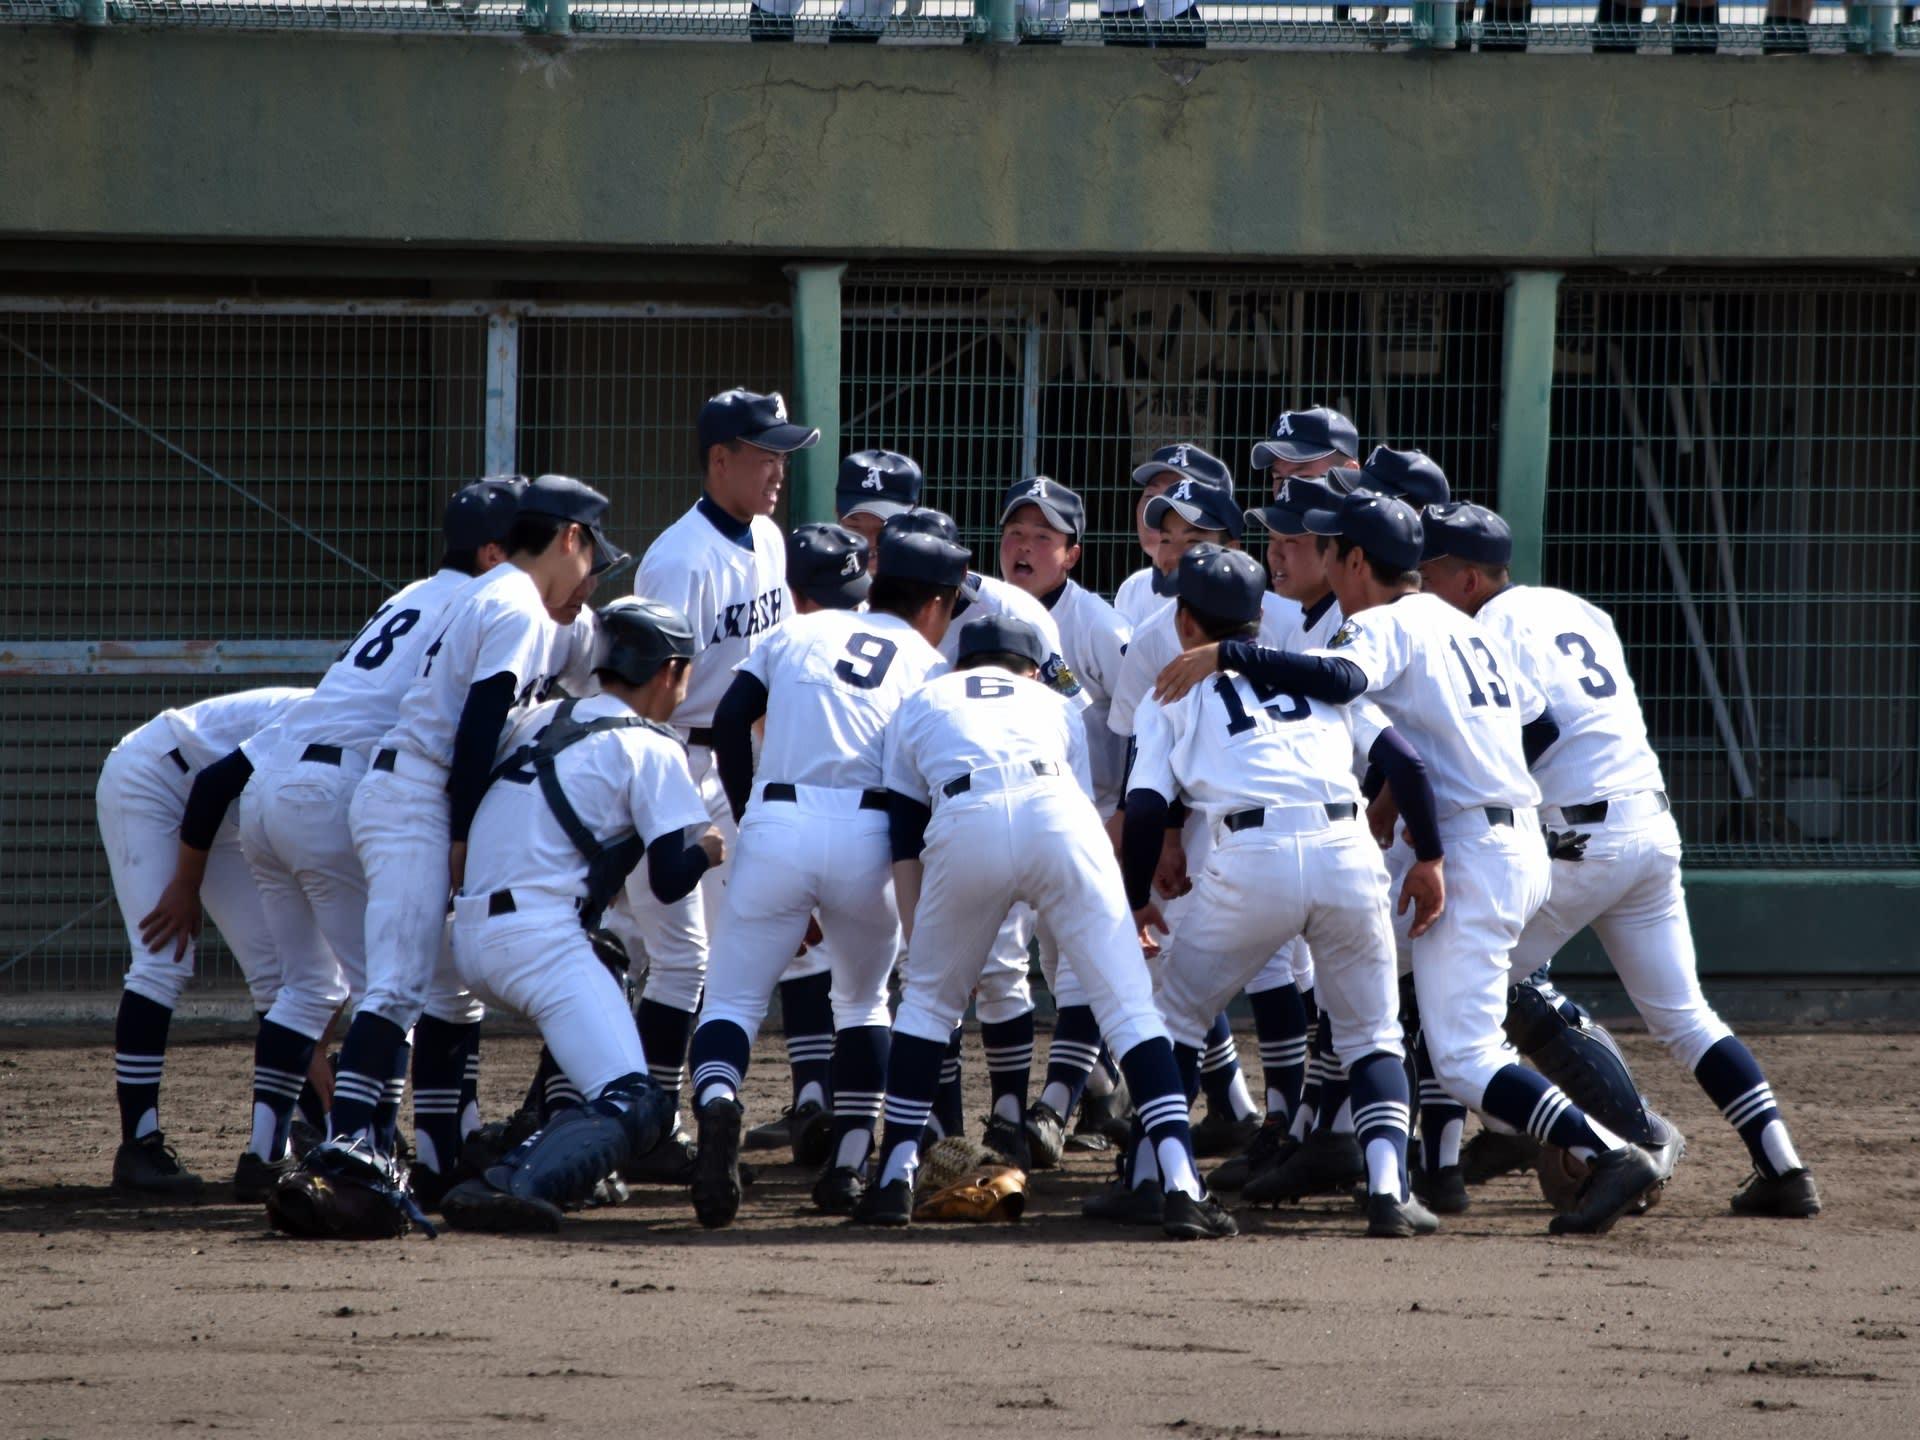 2018年 春季高校野球 兵庫地区予選 播淡地区dブロック2回戦 白陵